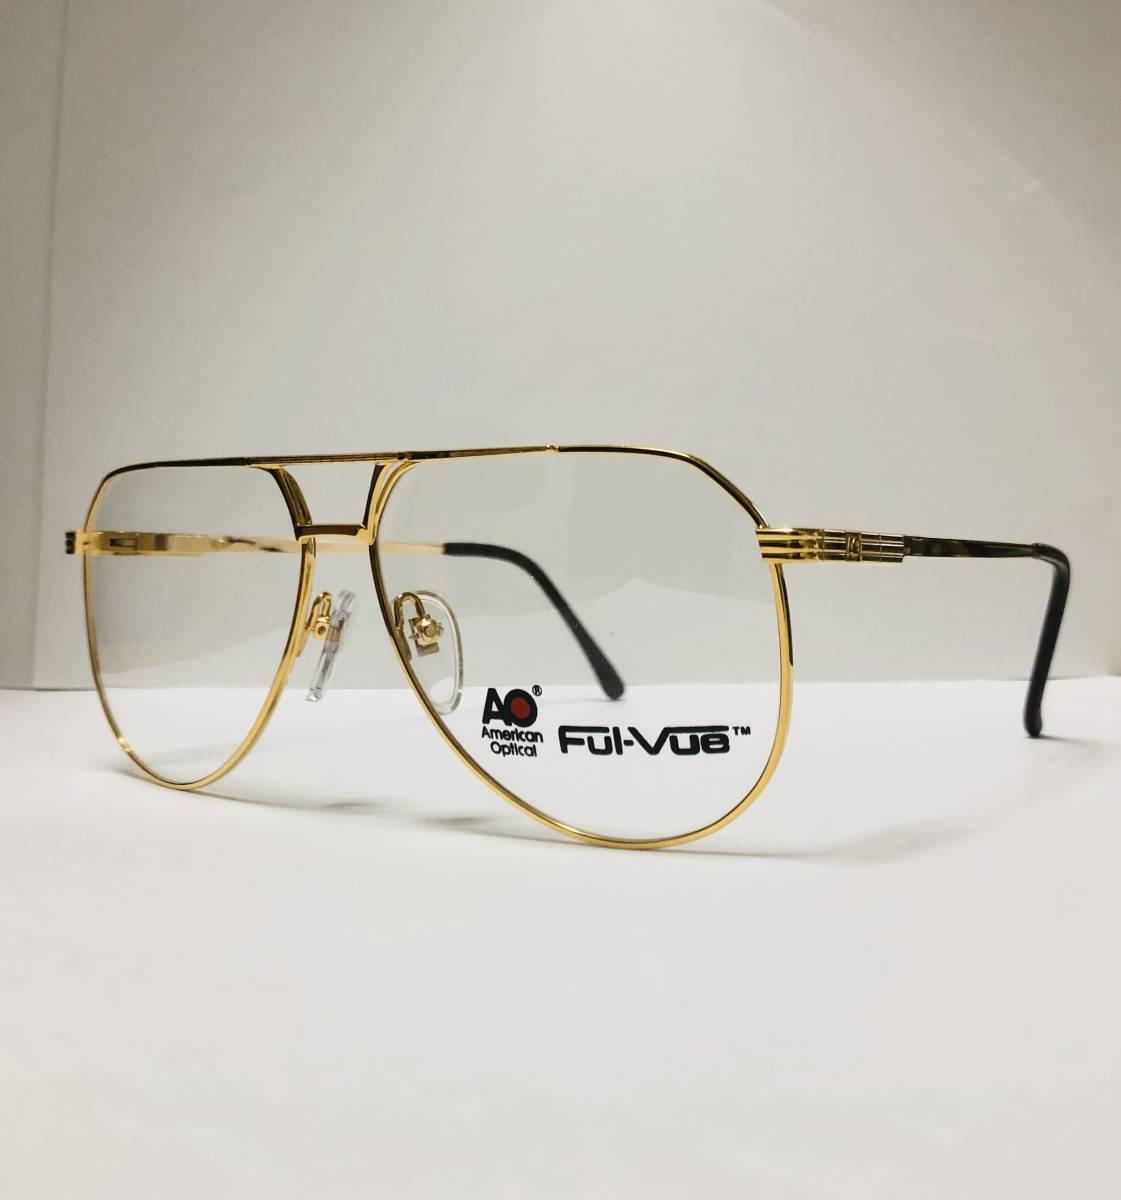 新品箱付】20K金 アメリカンオプティカル 1980年代 AO American Optical Ful-Vue 米国メガネ (参考: Rodenstock好きにオススメ_画像3